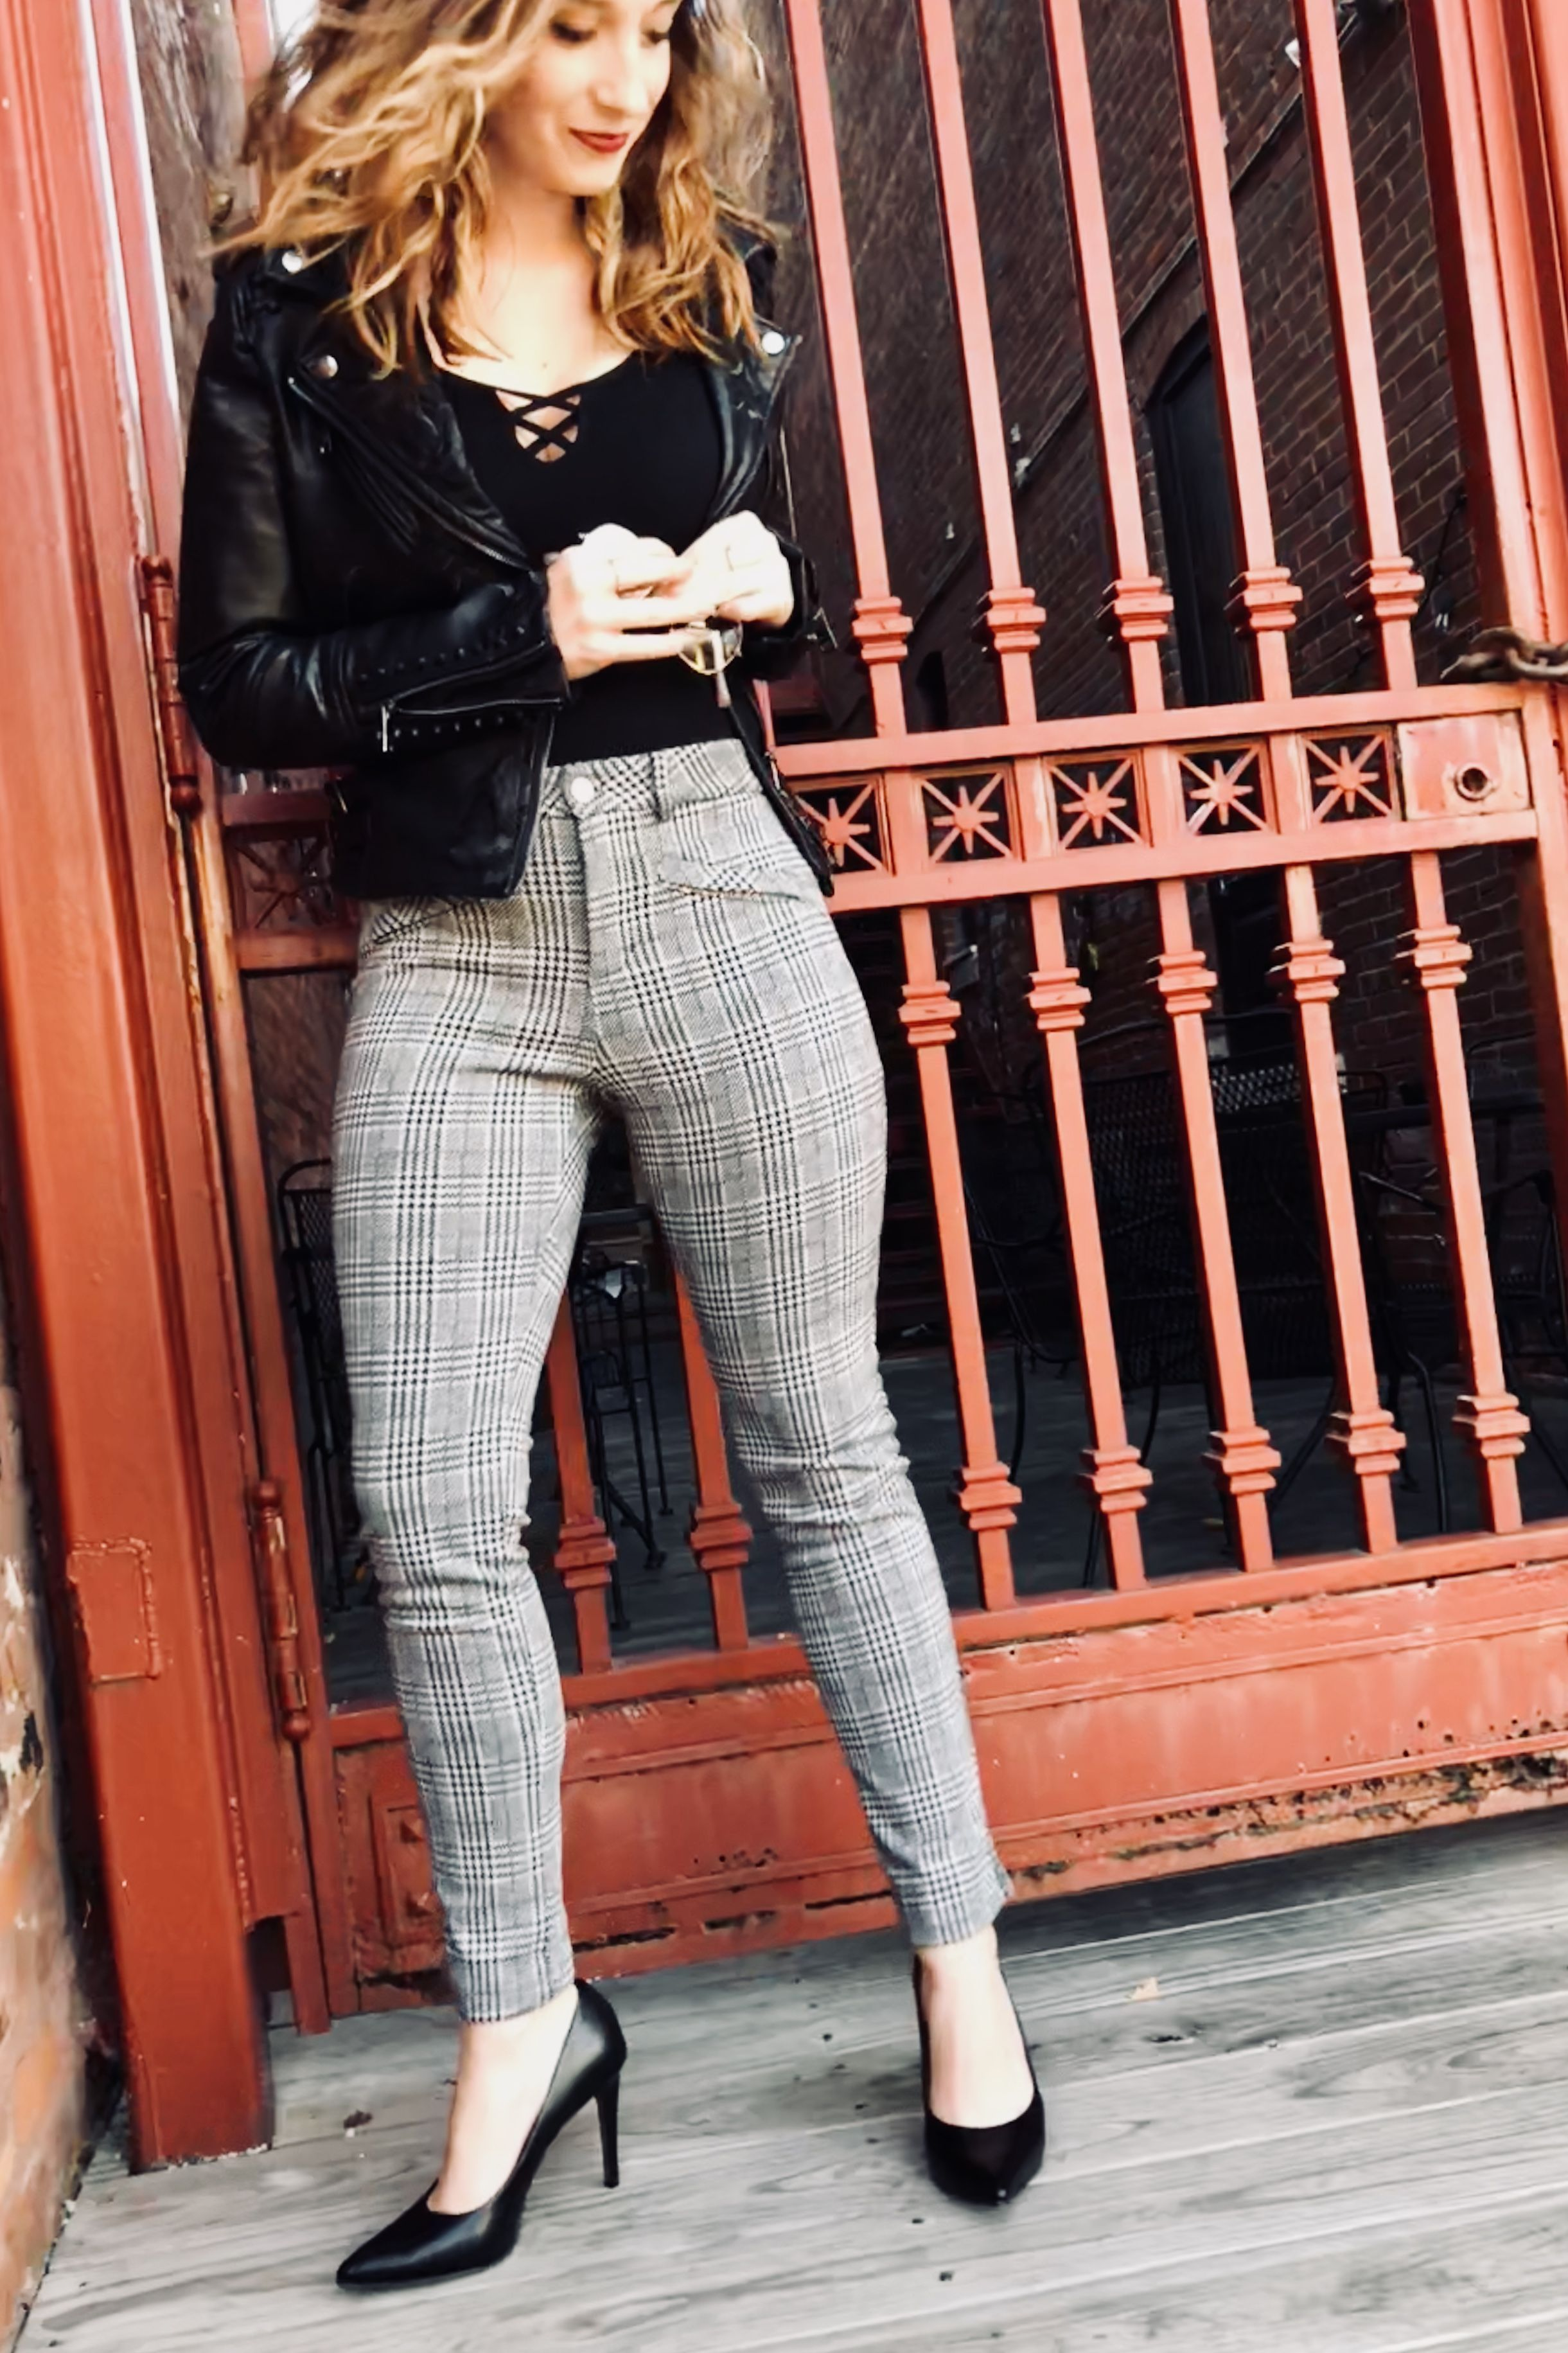 165424a78d0d SHOP denimandstreet.com Black and white plaid pants $48 Plaid pants outfit  / checkered pants outfit / black and white outfit #streetstyle